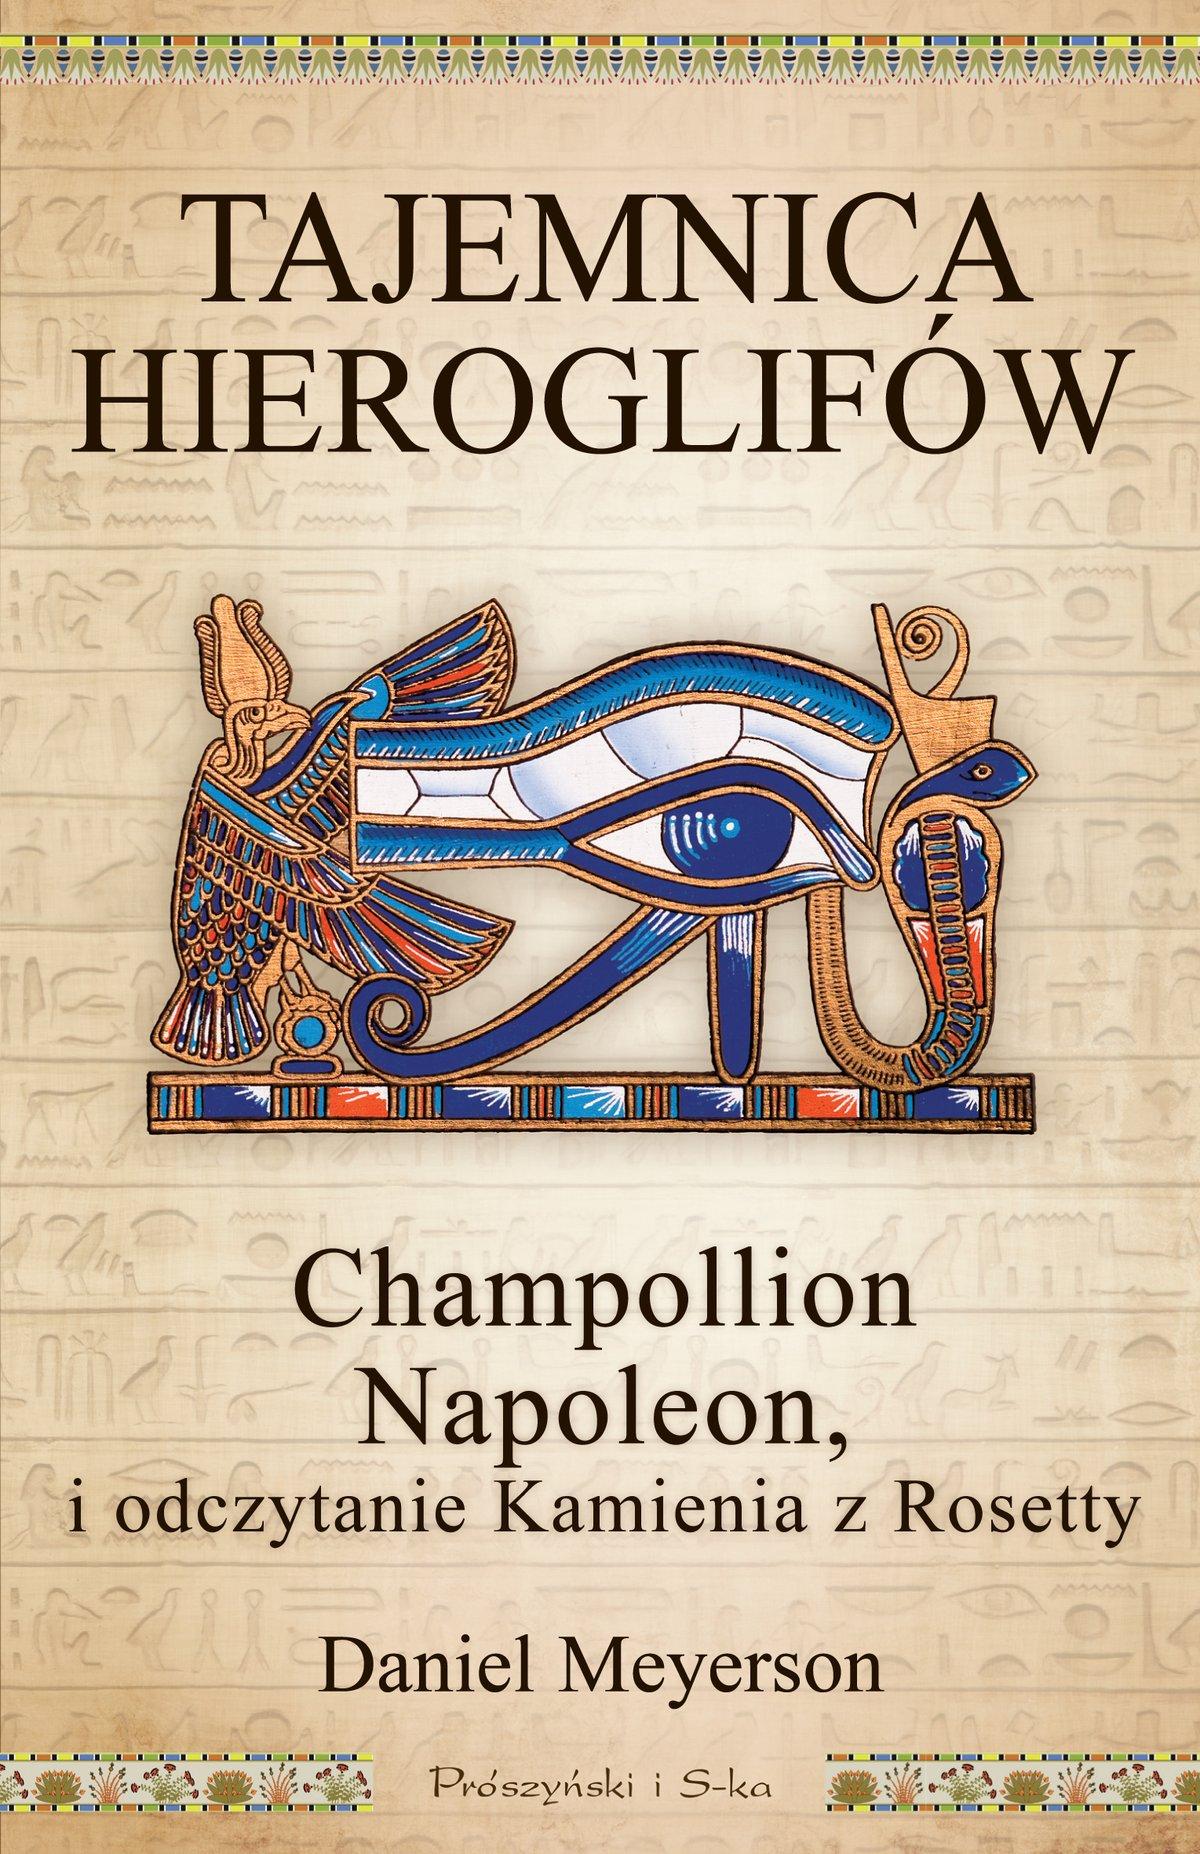 Tajemnica hieroglifów. Champollion, Napoleon i odczytanie Kamienia z Rosetty - Ebook (Książka na Kindle) do pobrania w formacie MOBI